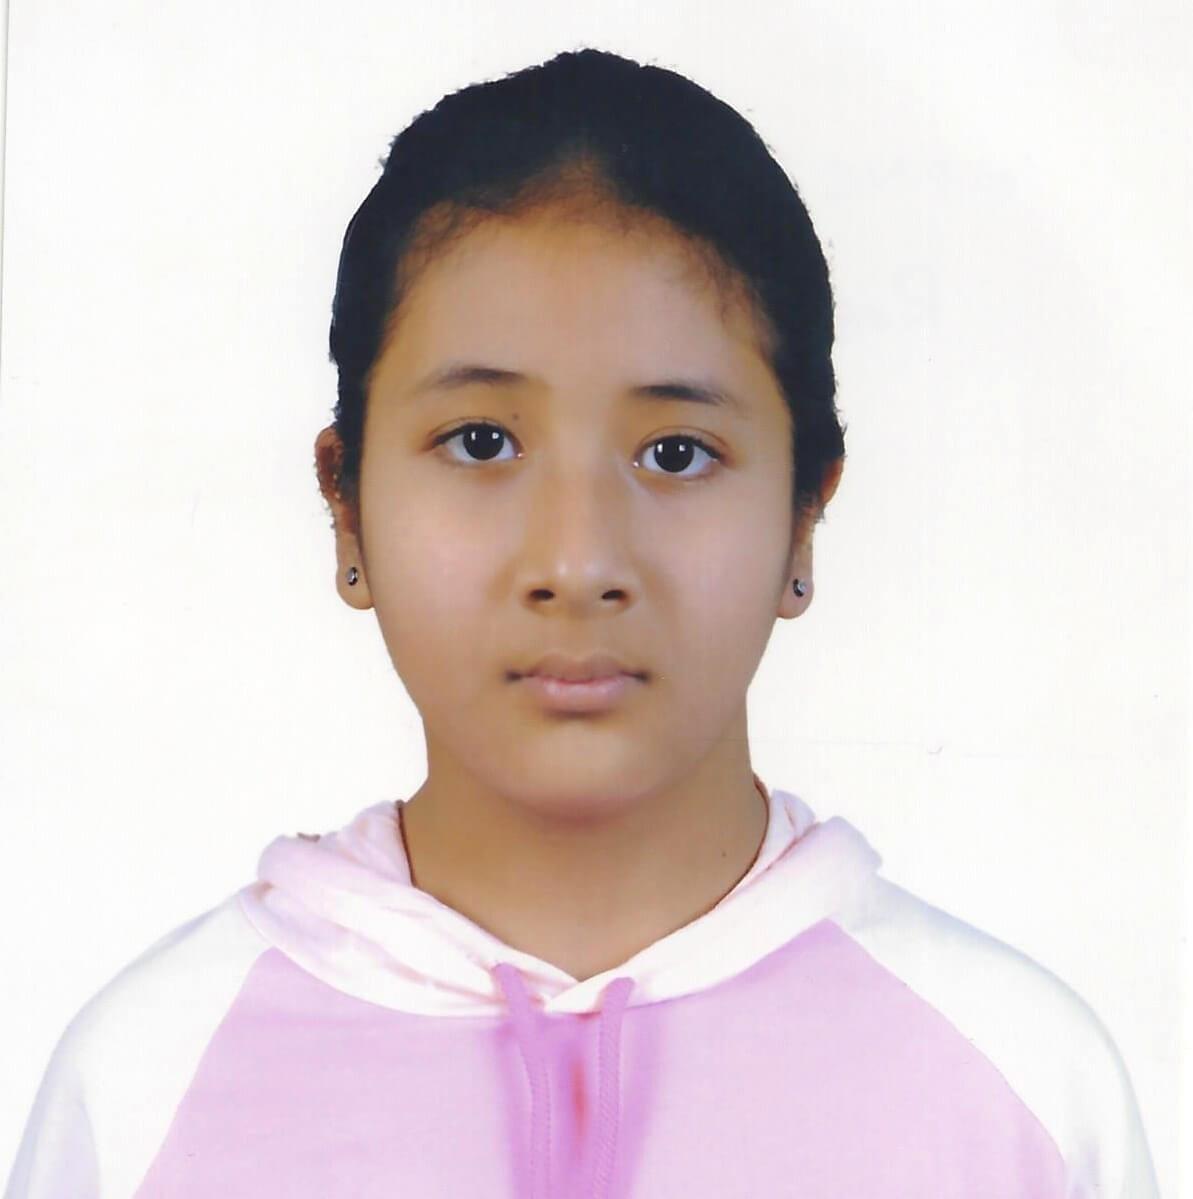 Dálková adopce dětí z Nepálu: Resika Bista